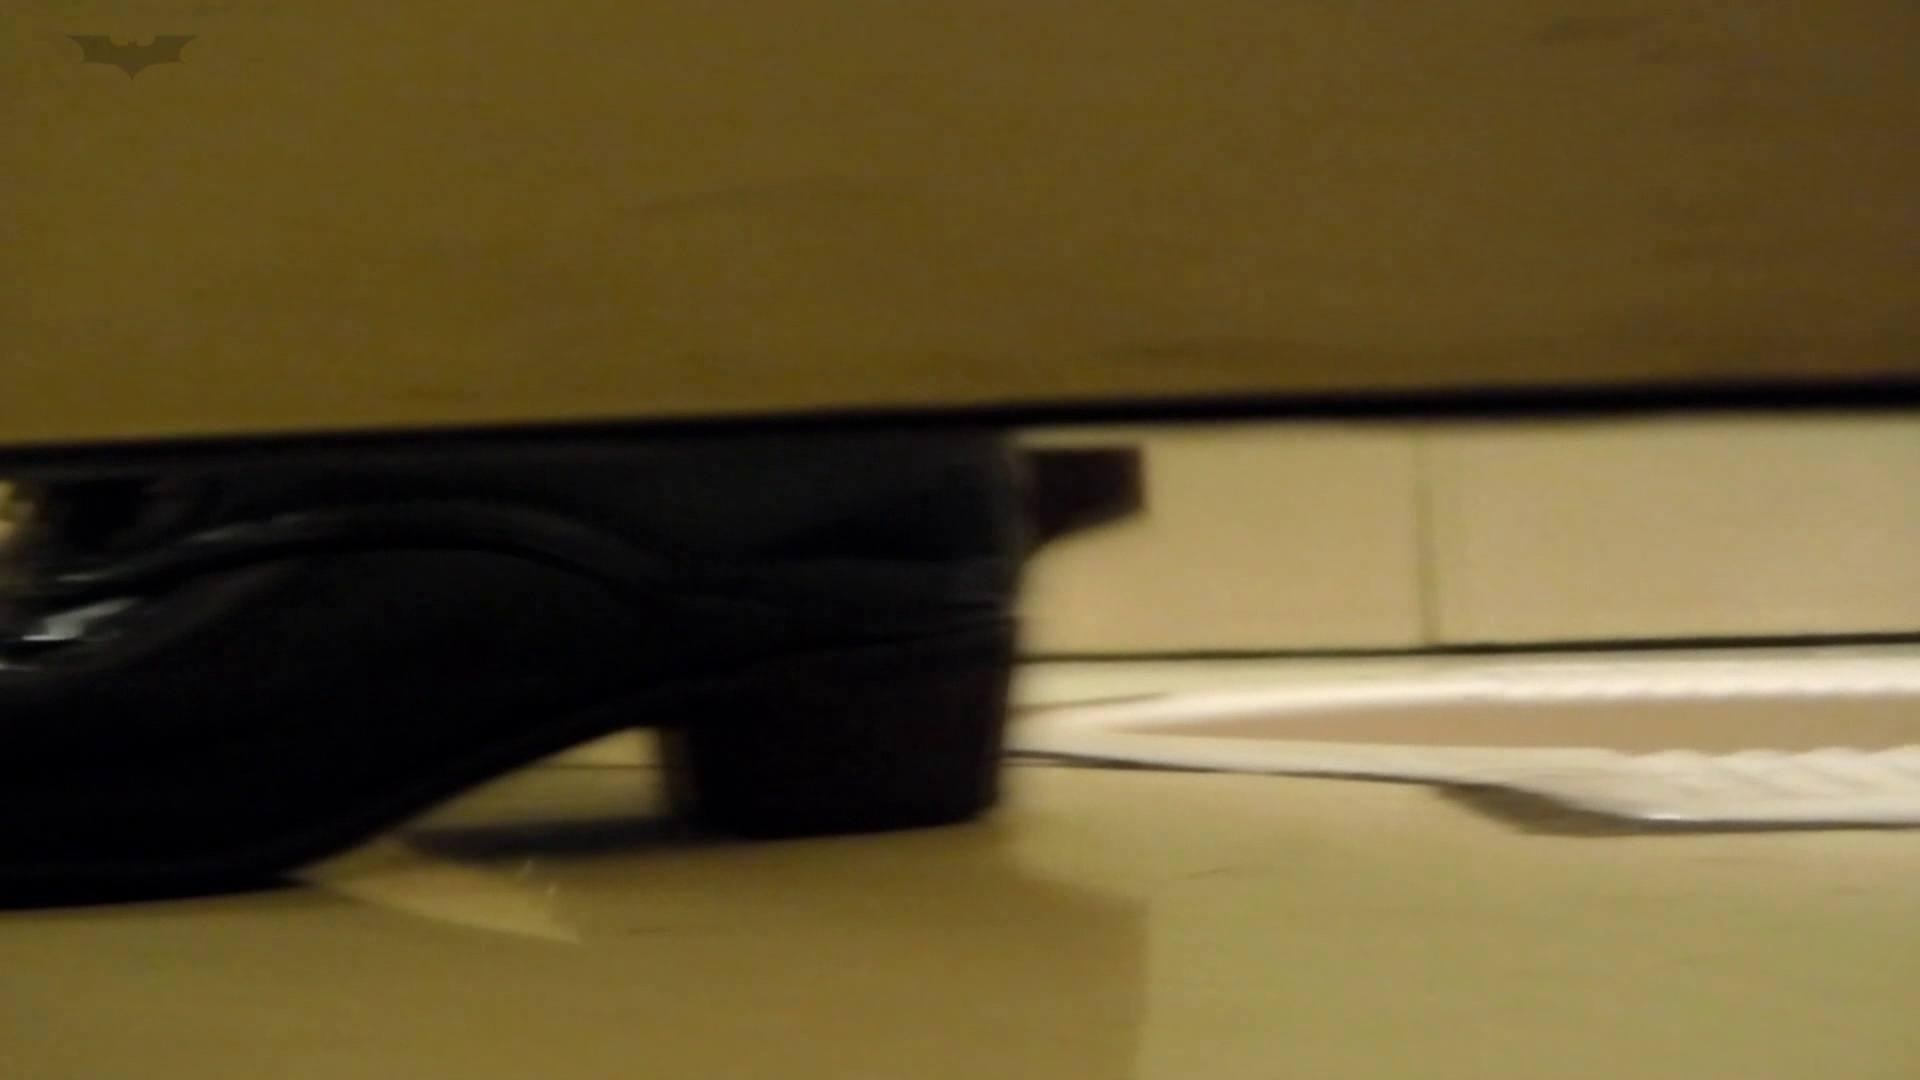 新世界の射窓 No73 185cm!スニーカーでも頭がでちゃうモデル特集 モデル  91pic 40